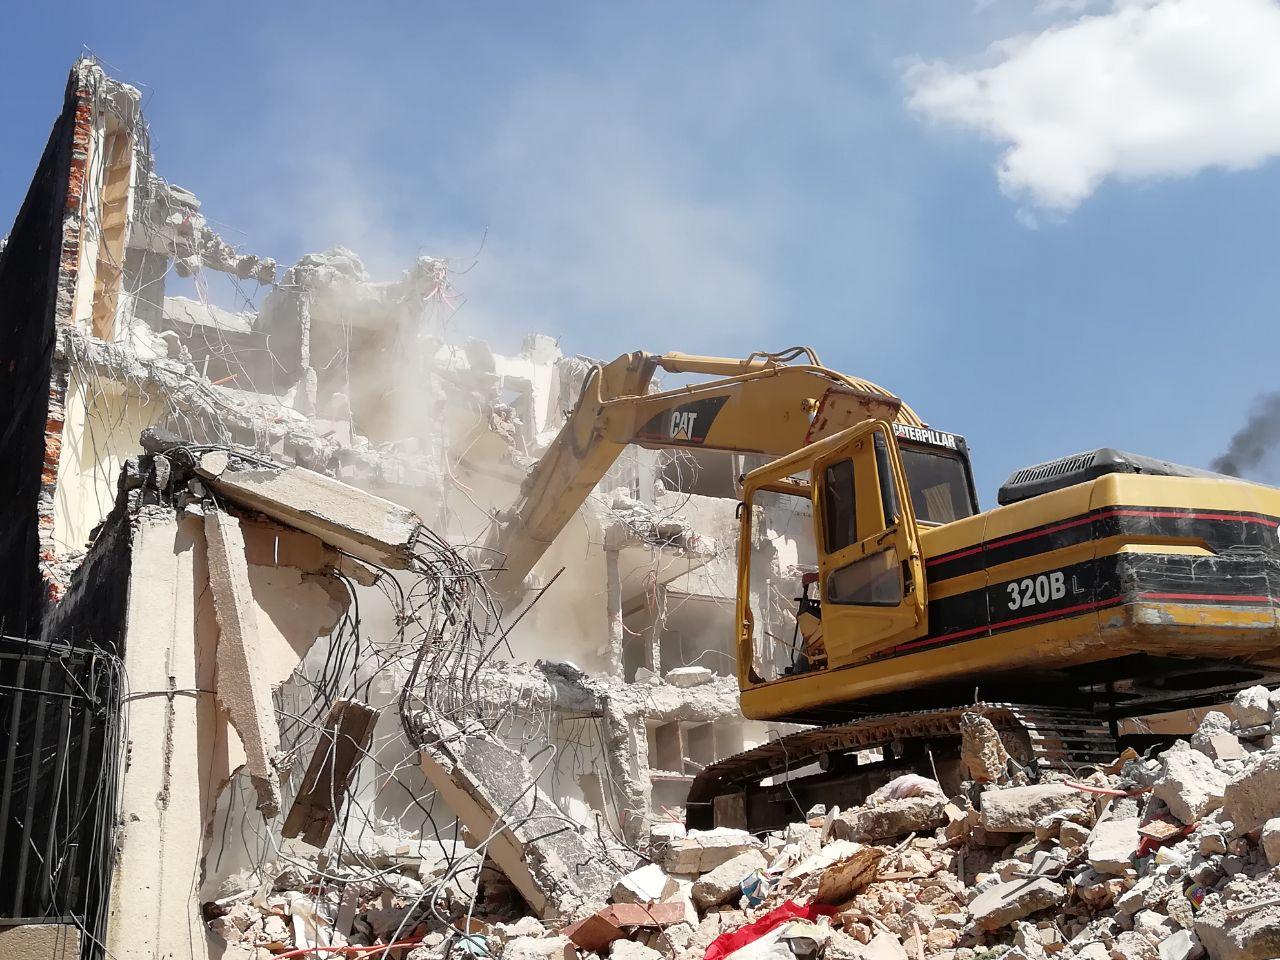 Trabajos demolición División del Norte 4120 05.jpeg